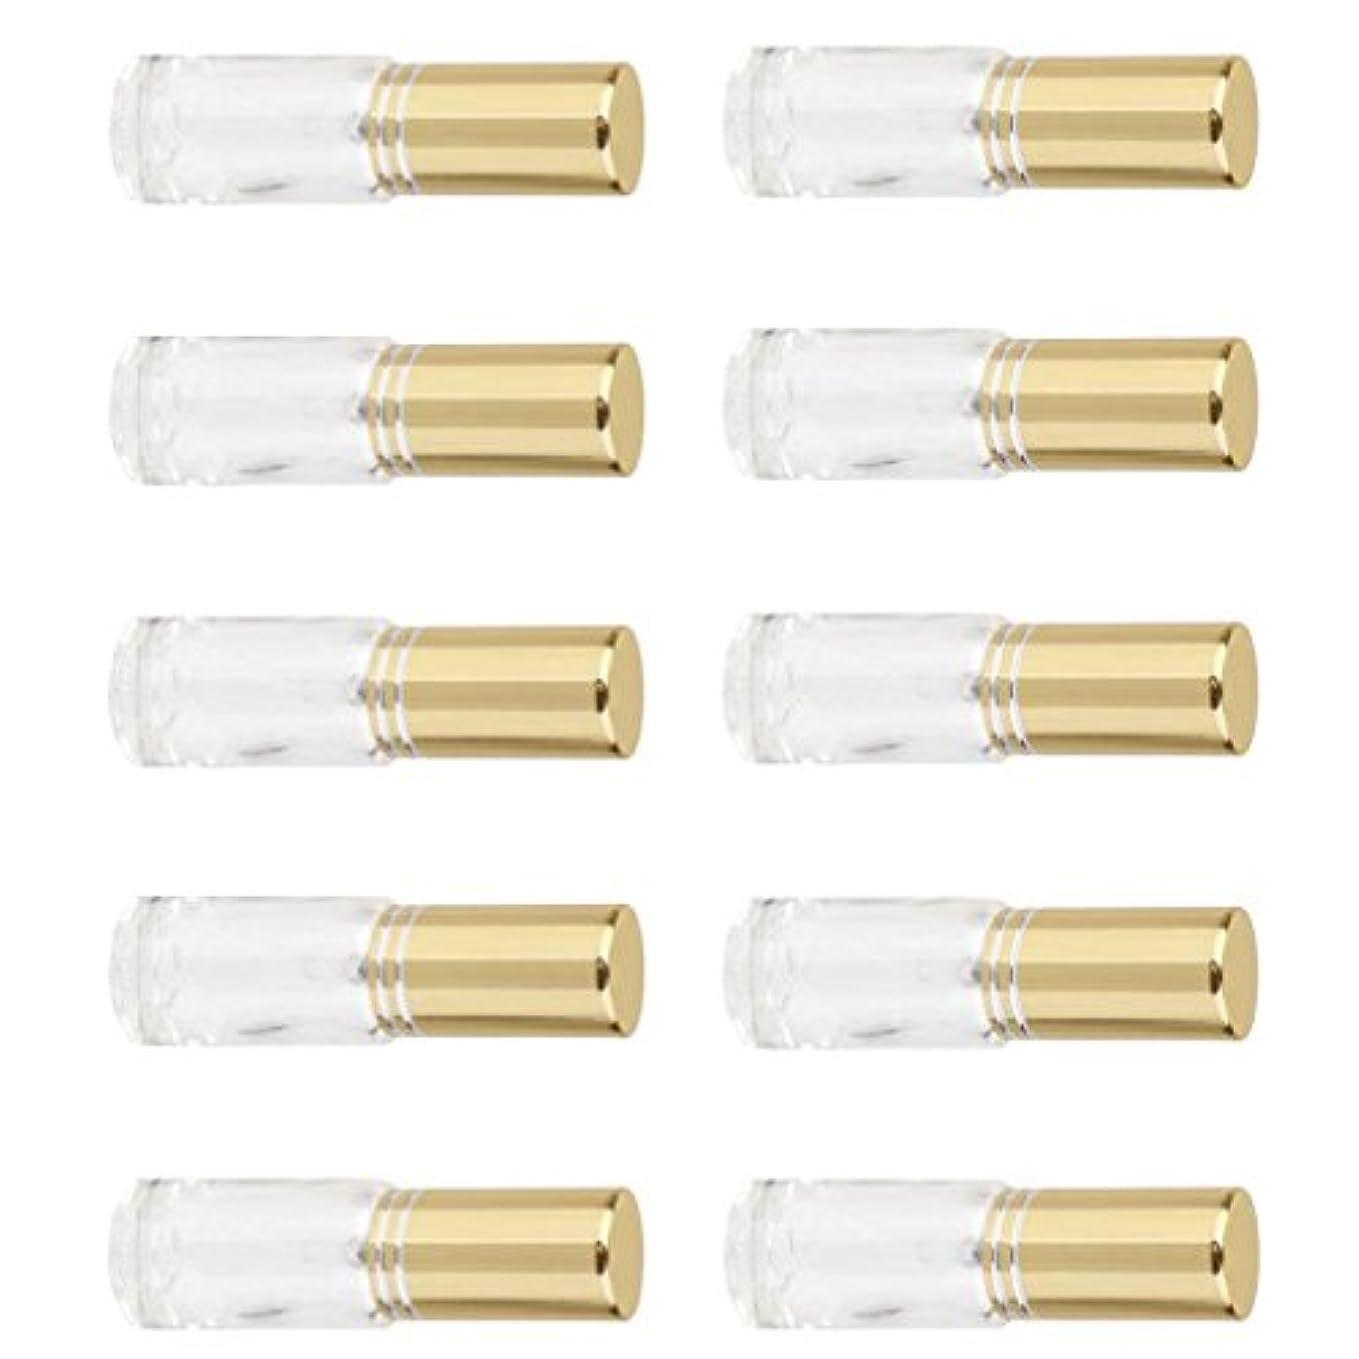 ヶ月目無許可いらいらさせるSONONIA 10個 お買い得 男女兼用 5ml ミニ ガラス 詰め替え可能 香水 空き瓶 アトマイザー ポンプ スプレー 香水瓶 容器